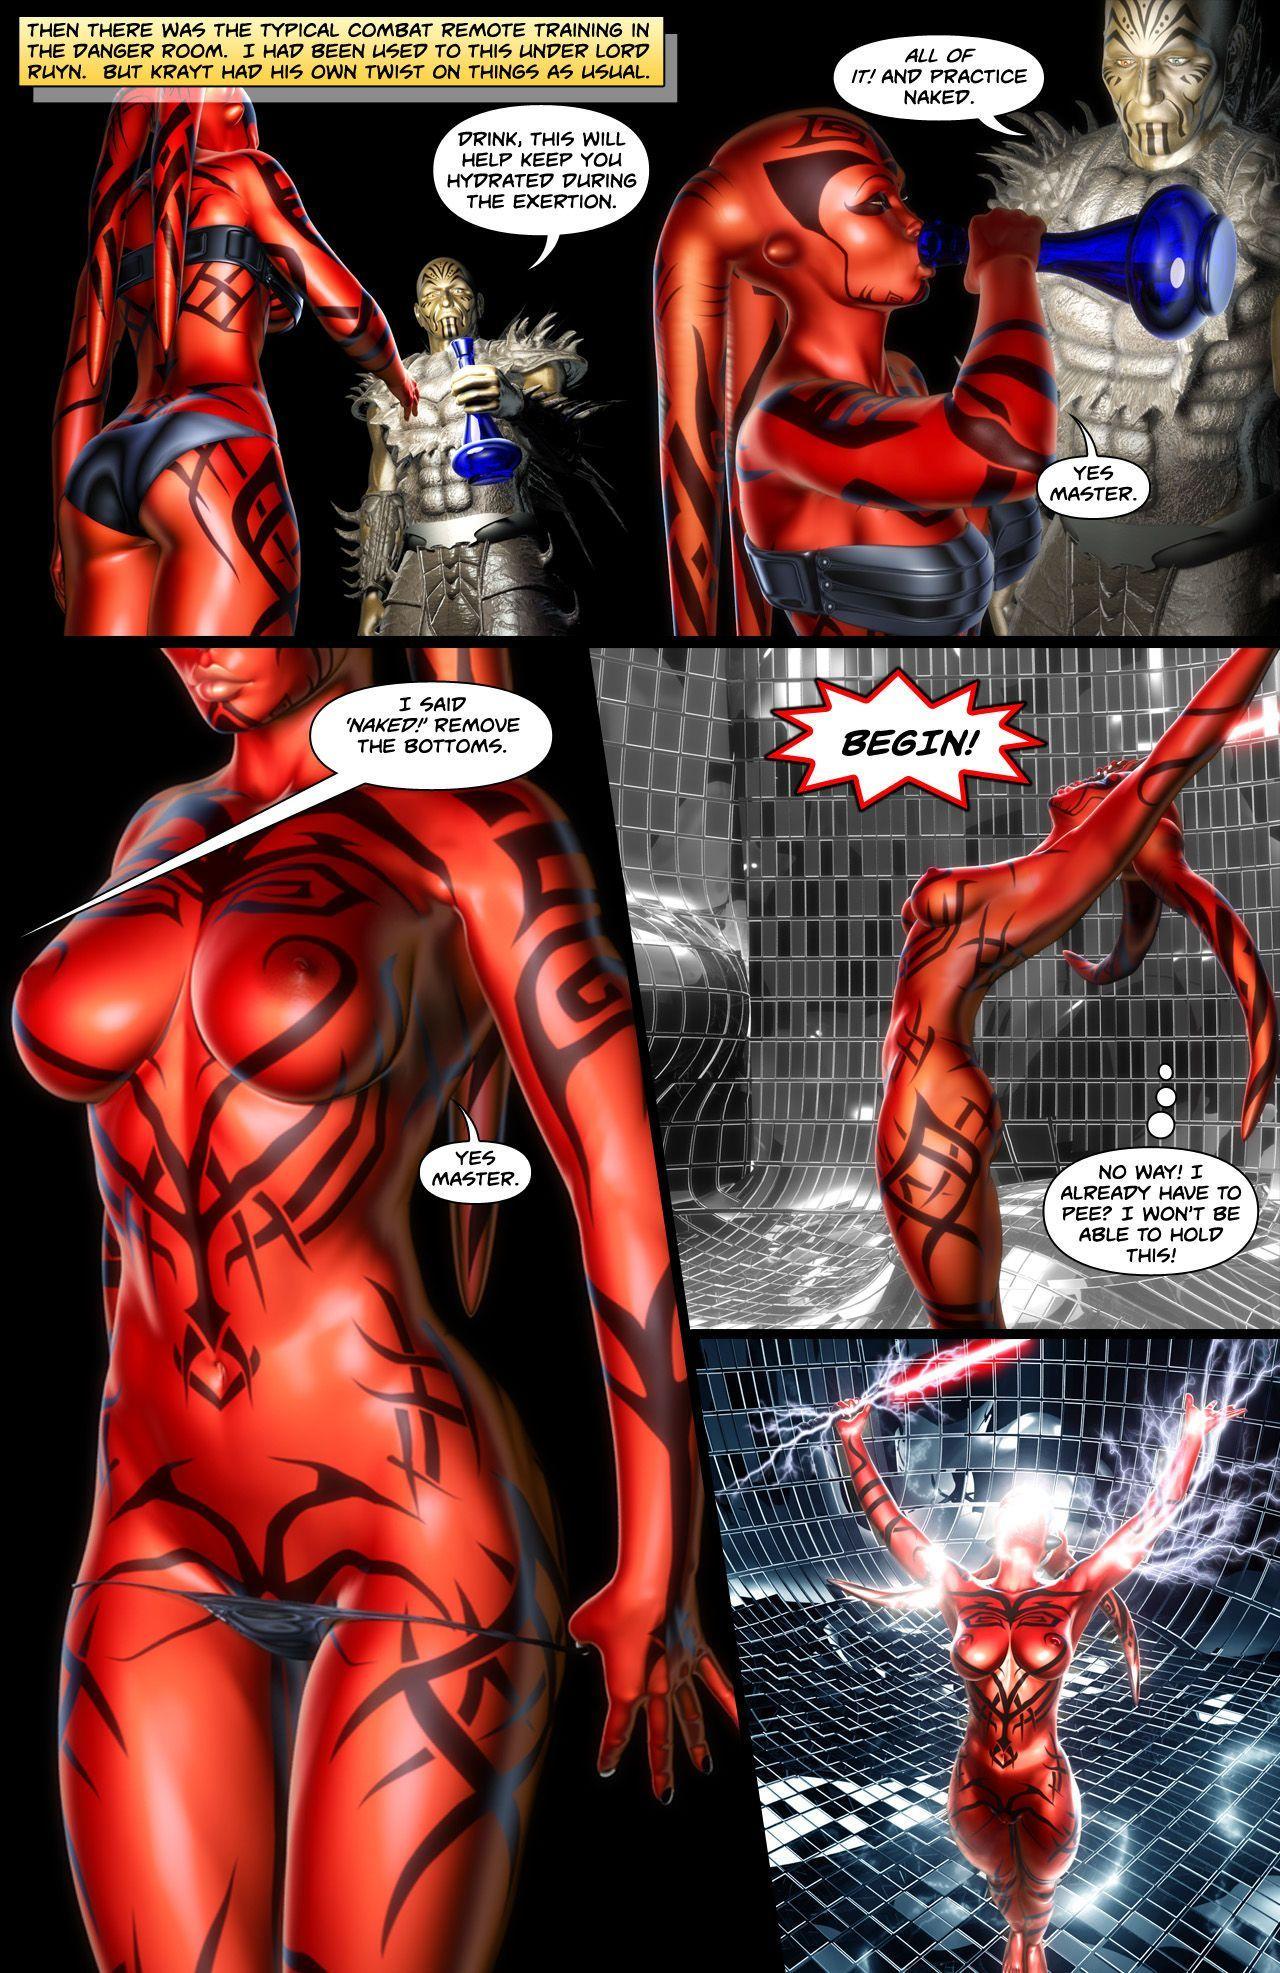 [darthhell] Talon X (Star Wars) - part 2